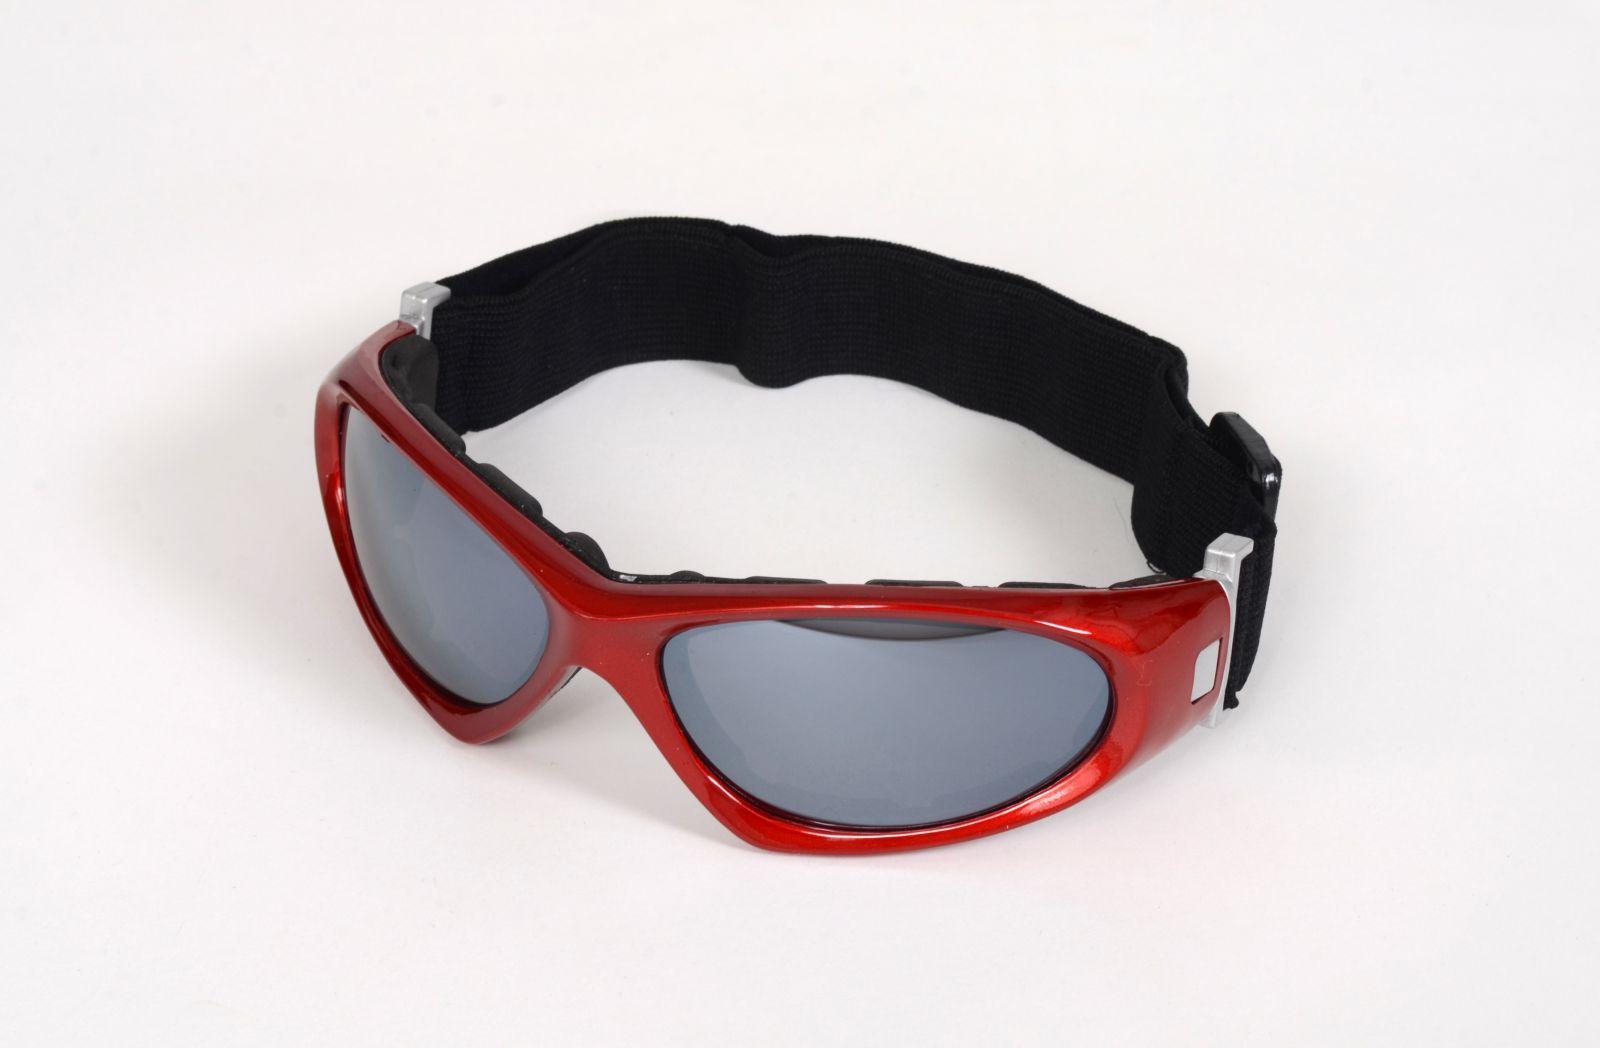 Sportovní brýle na kolo, snowboard a lyžování červené